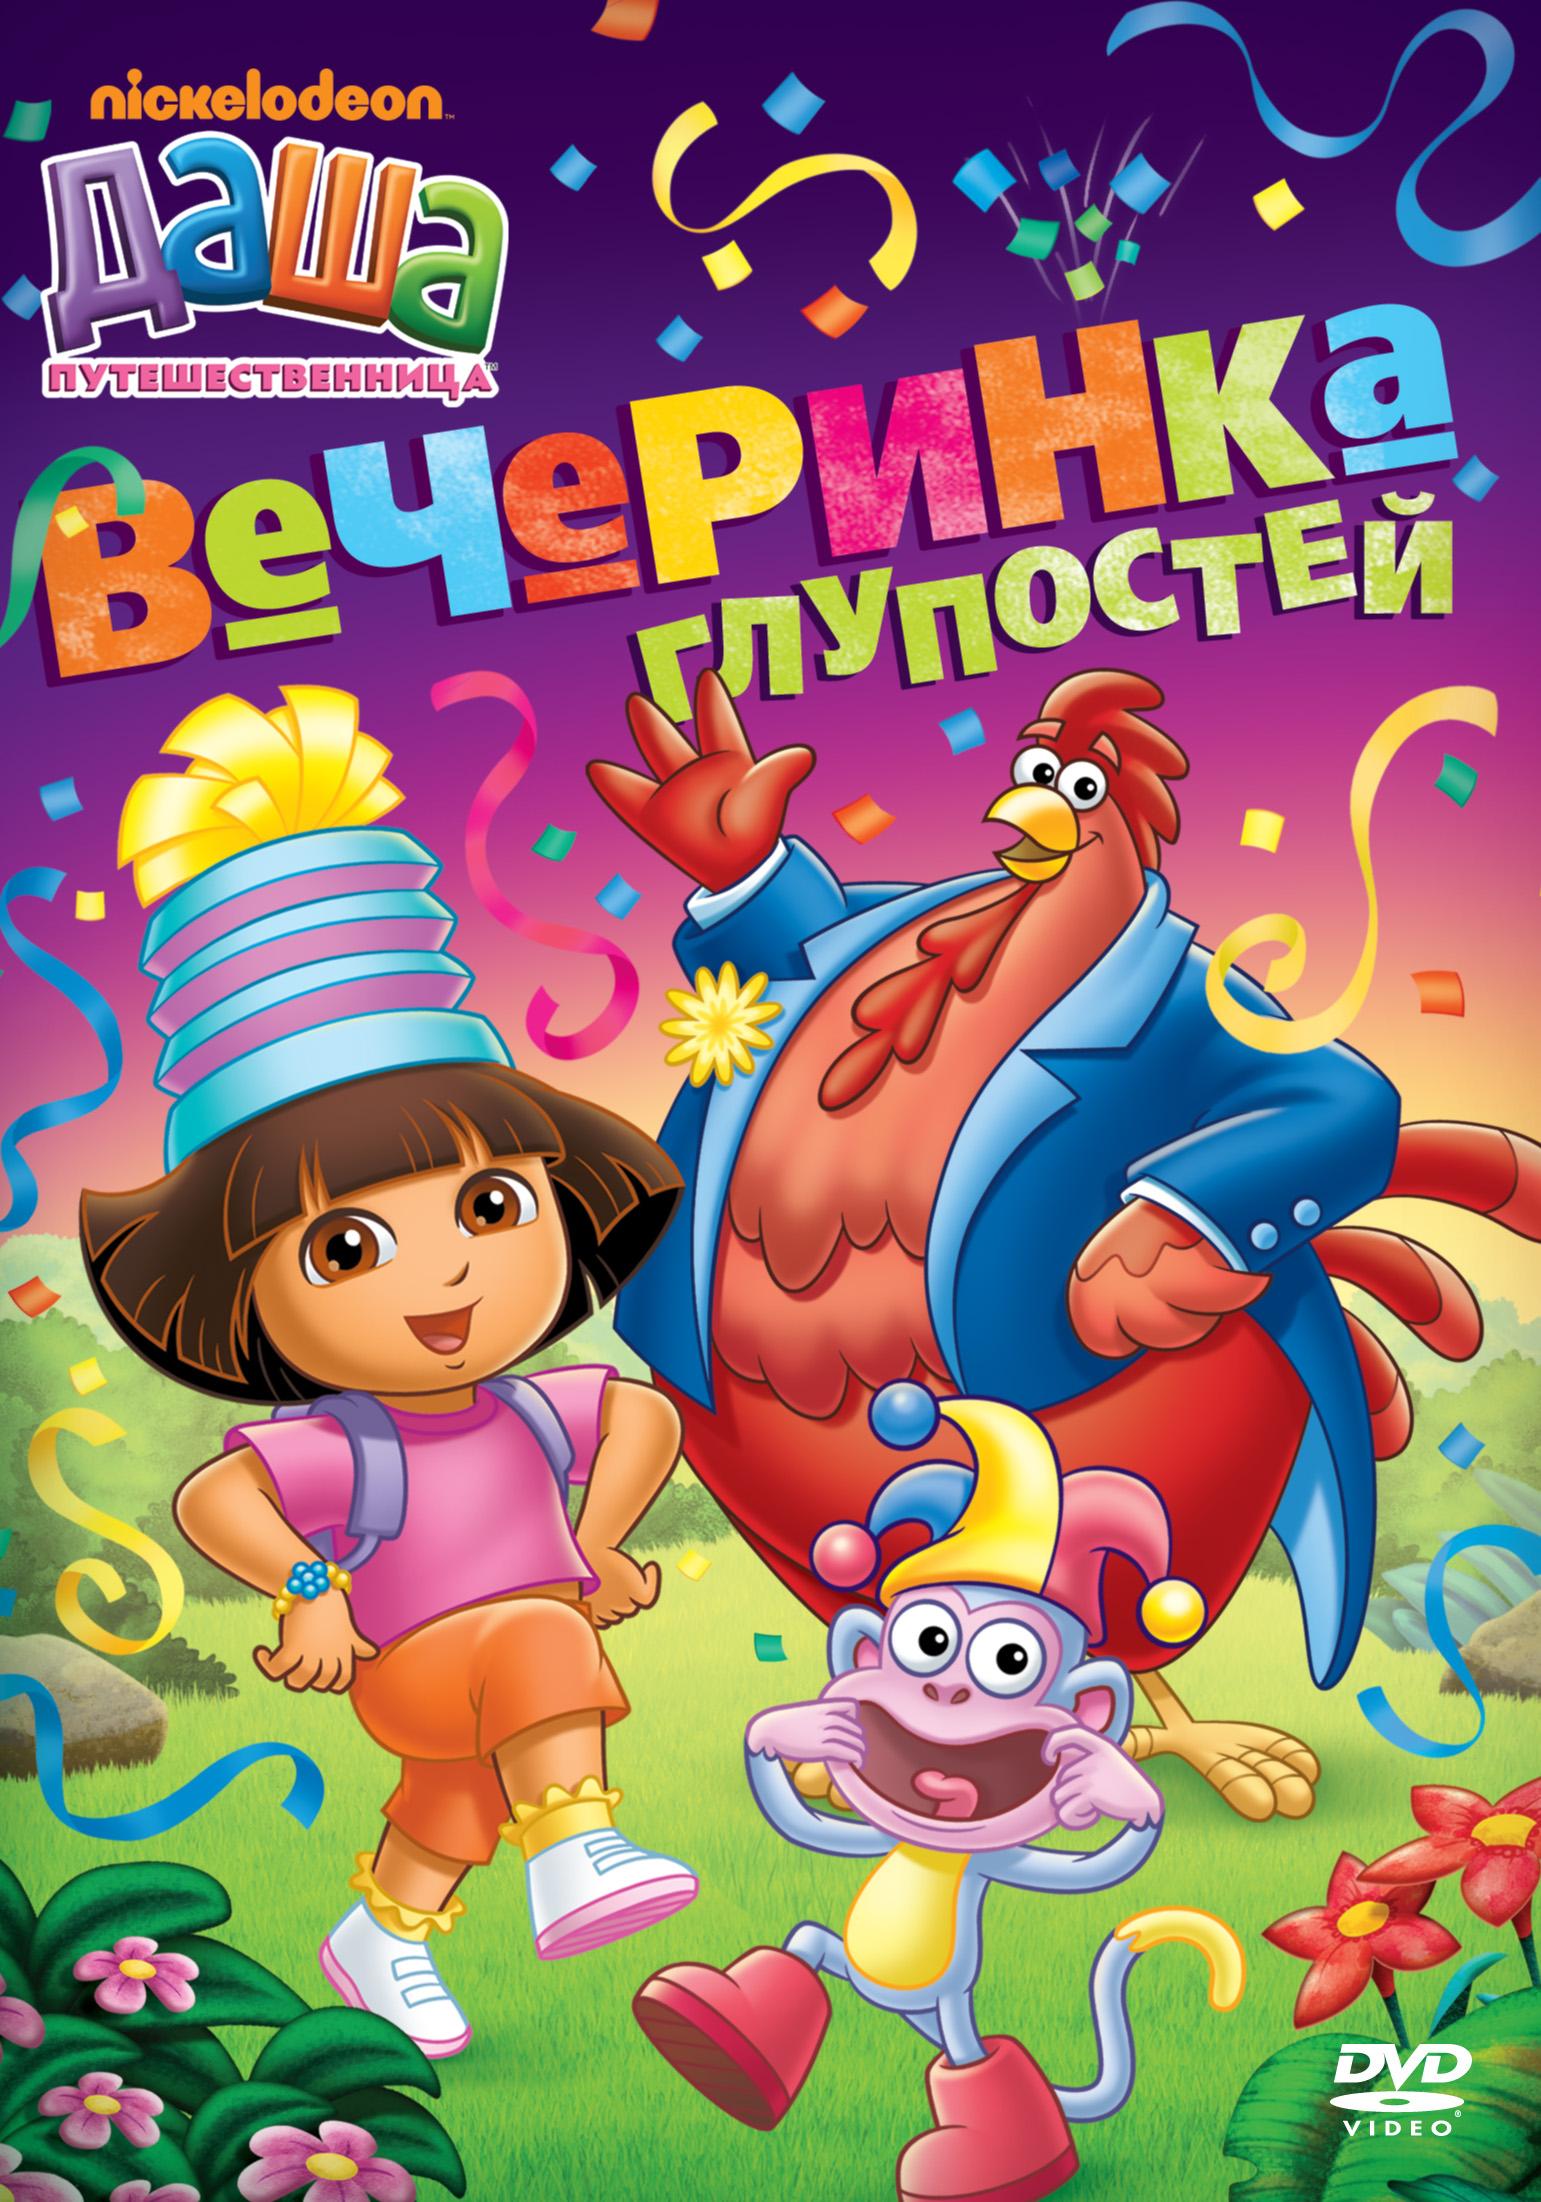 http://st.kp.yandex.net/images/cover/30674_1.jpg